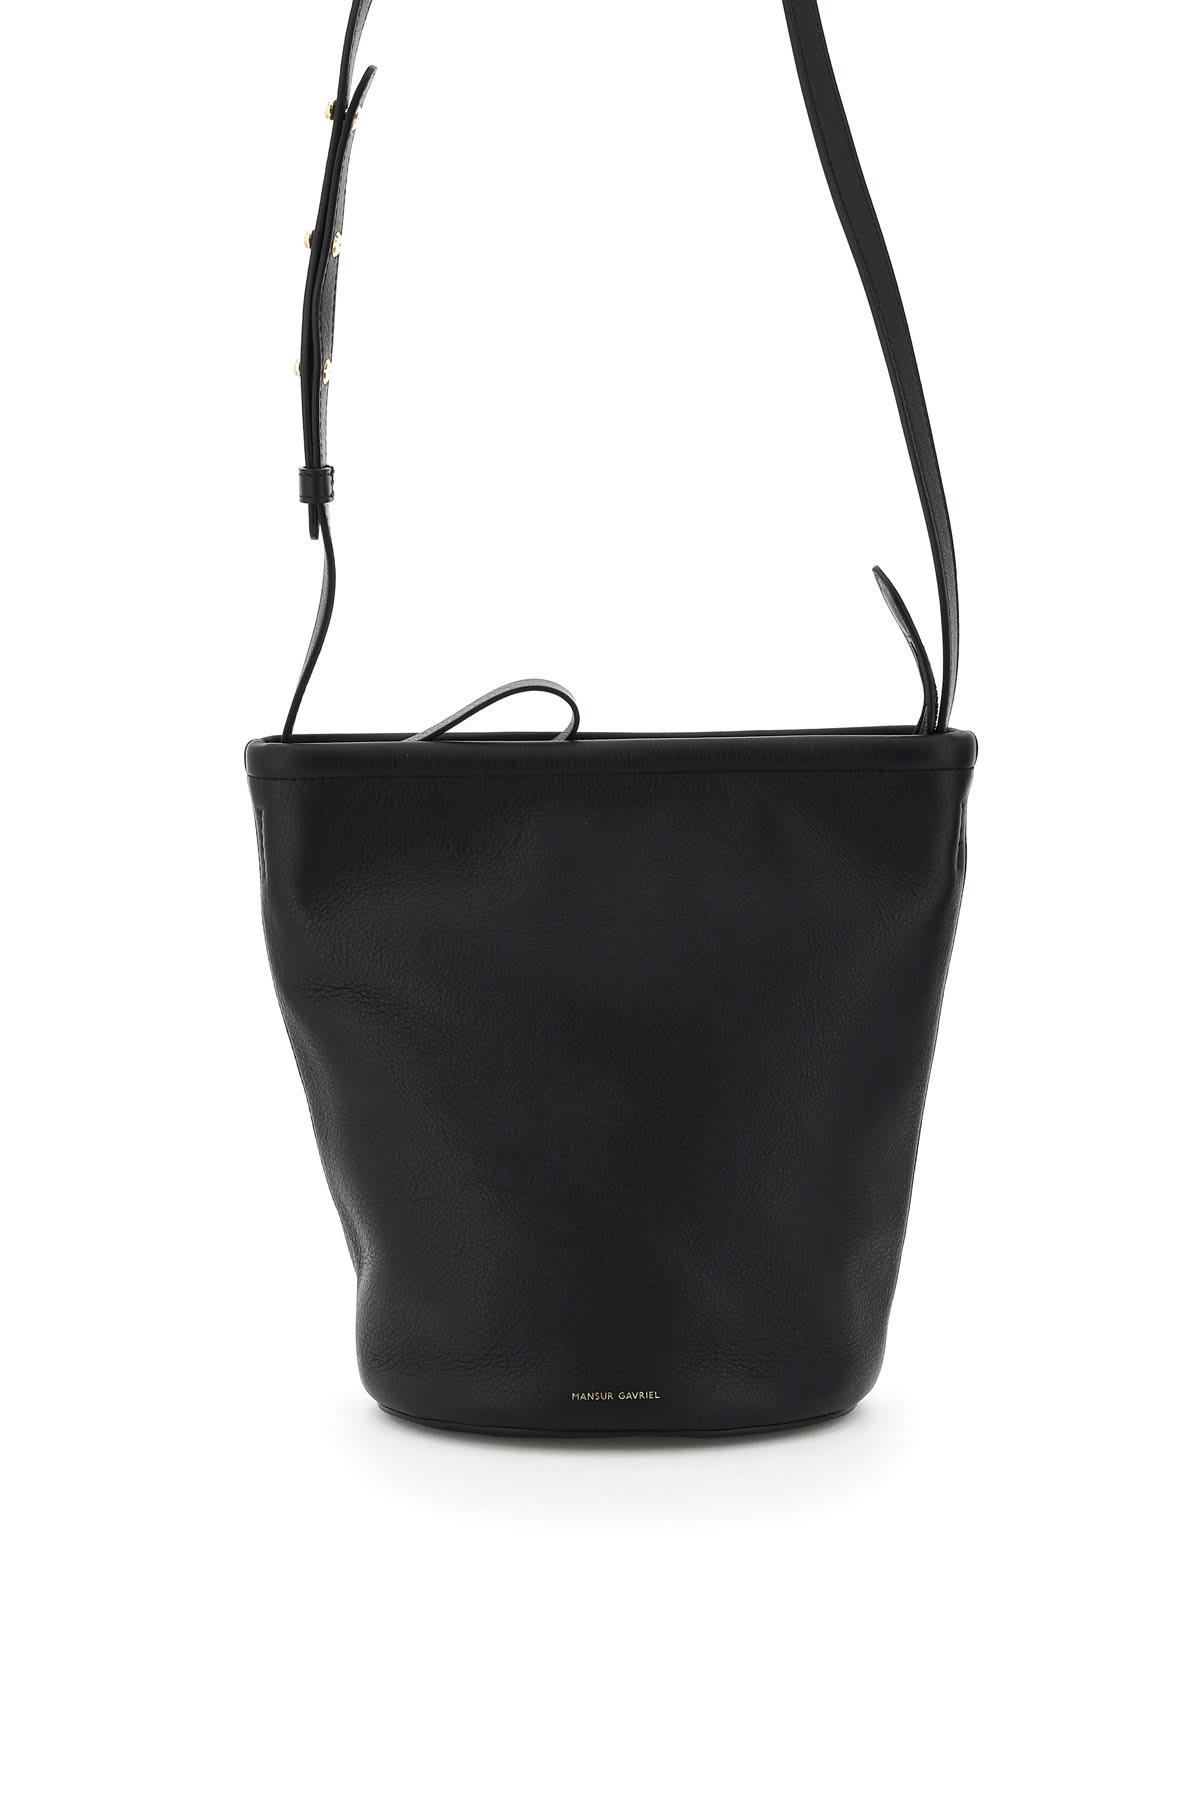 Mansur Gavriel Bucket Bag With Zip